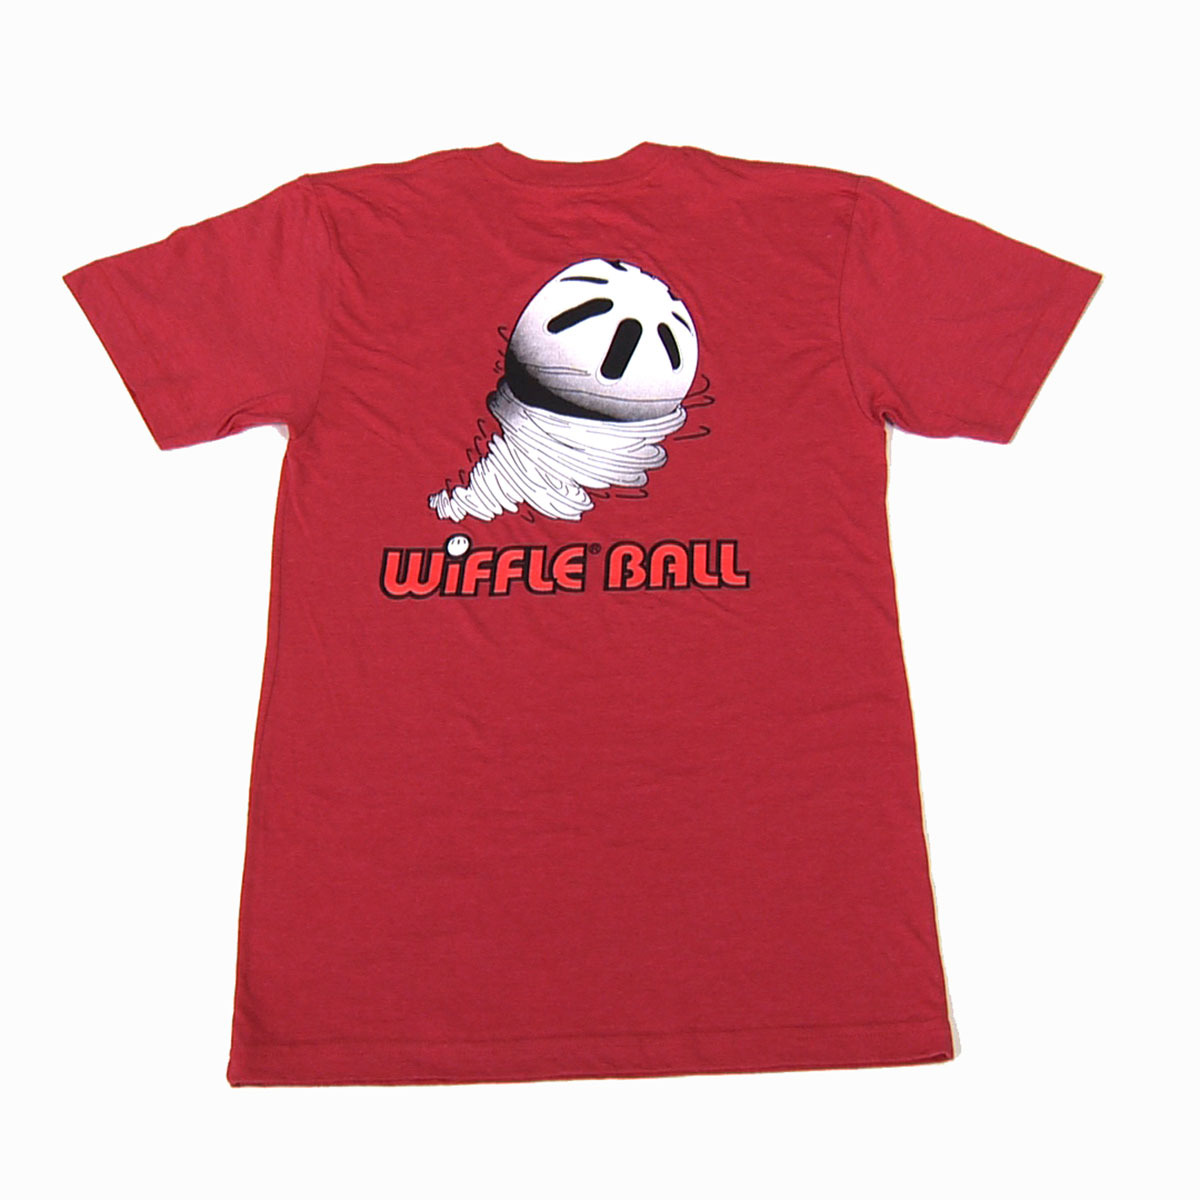 ウィッフルボール ロゴ入り Tシャツ スクリューボール レッド WIFFLE Ball